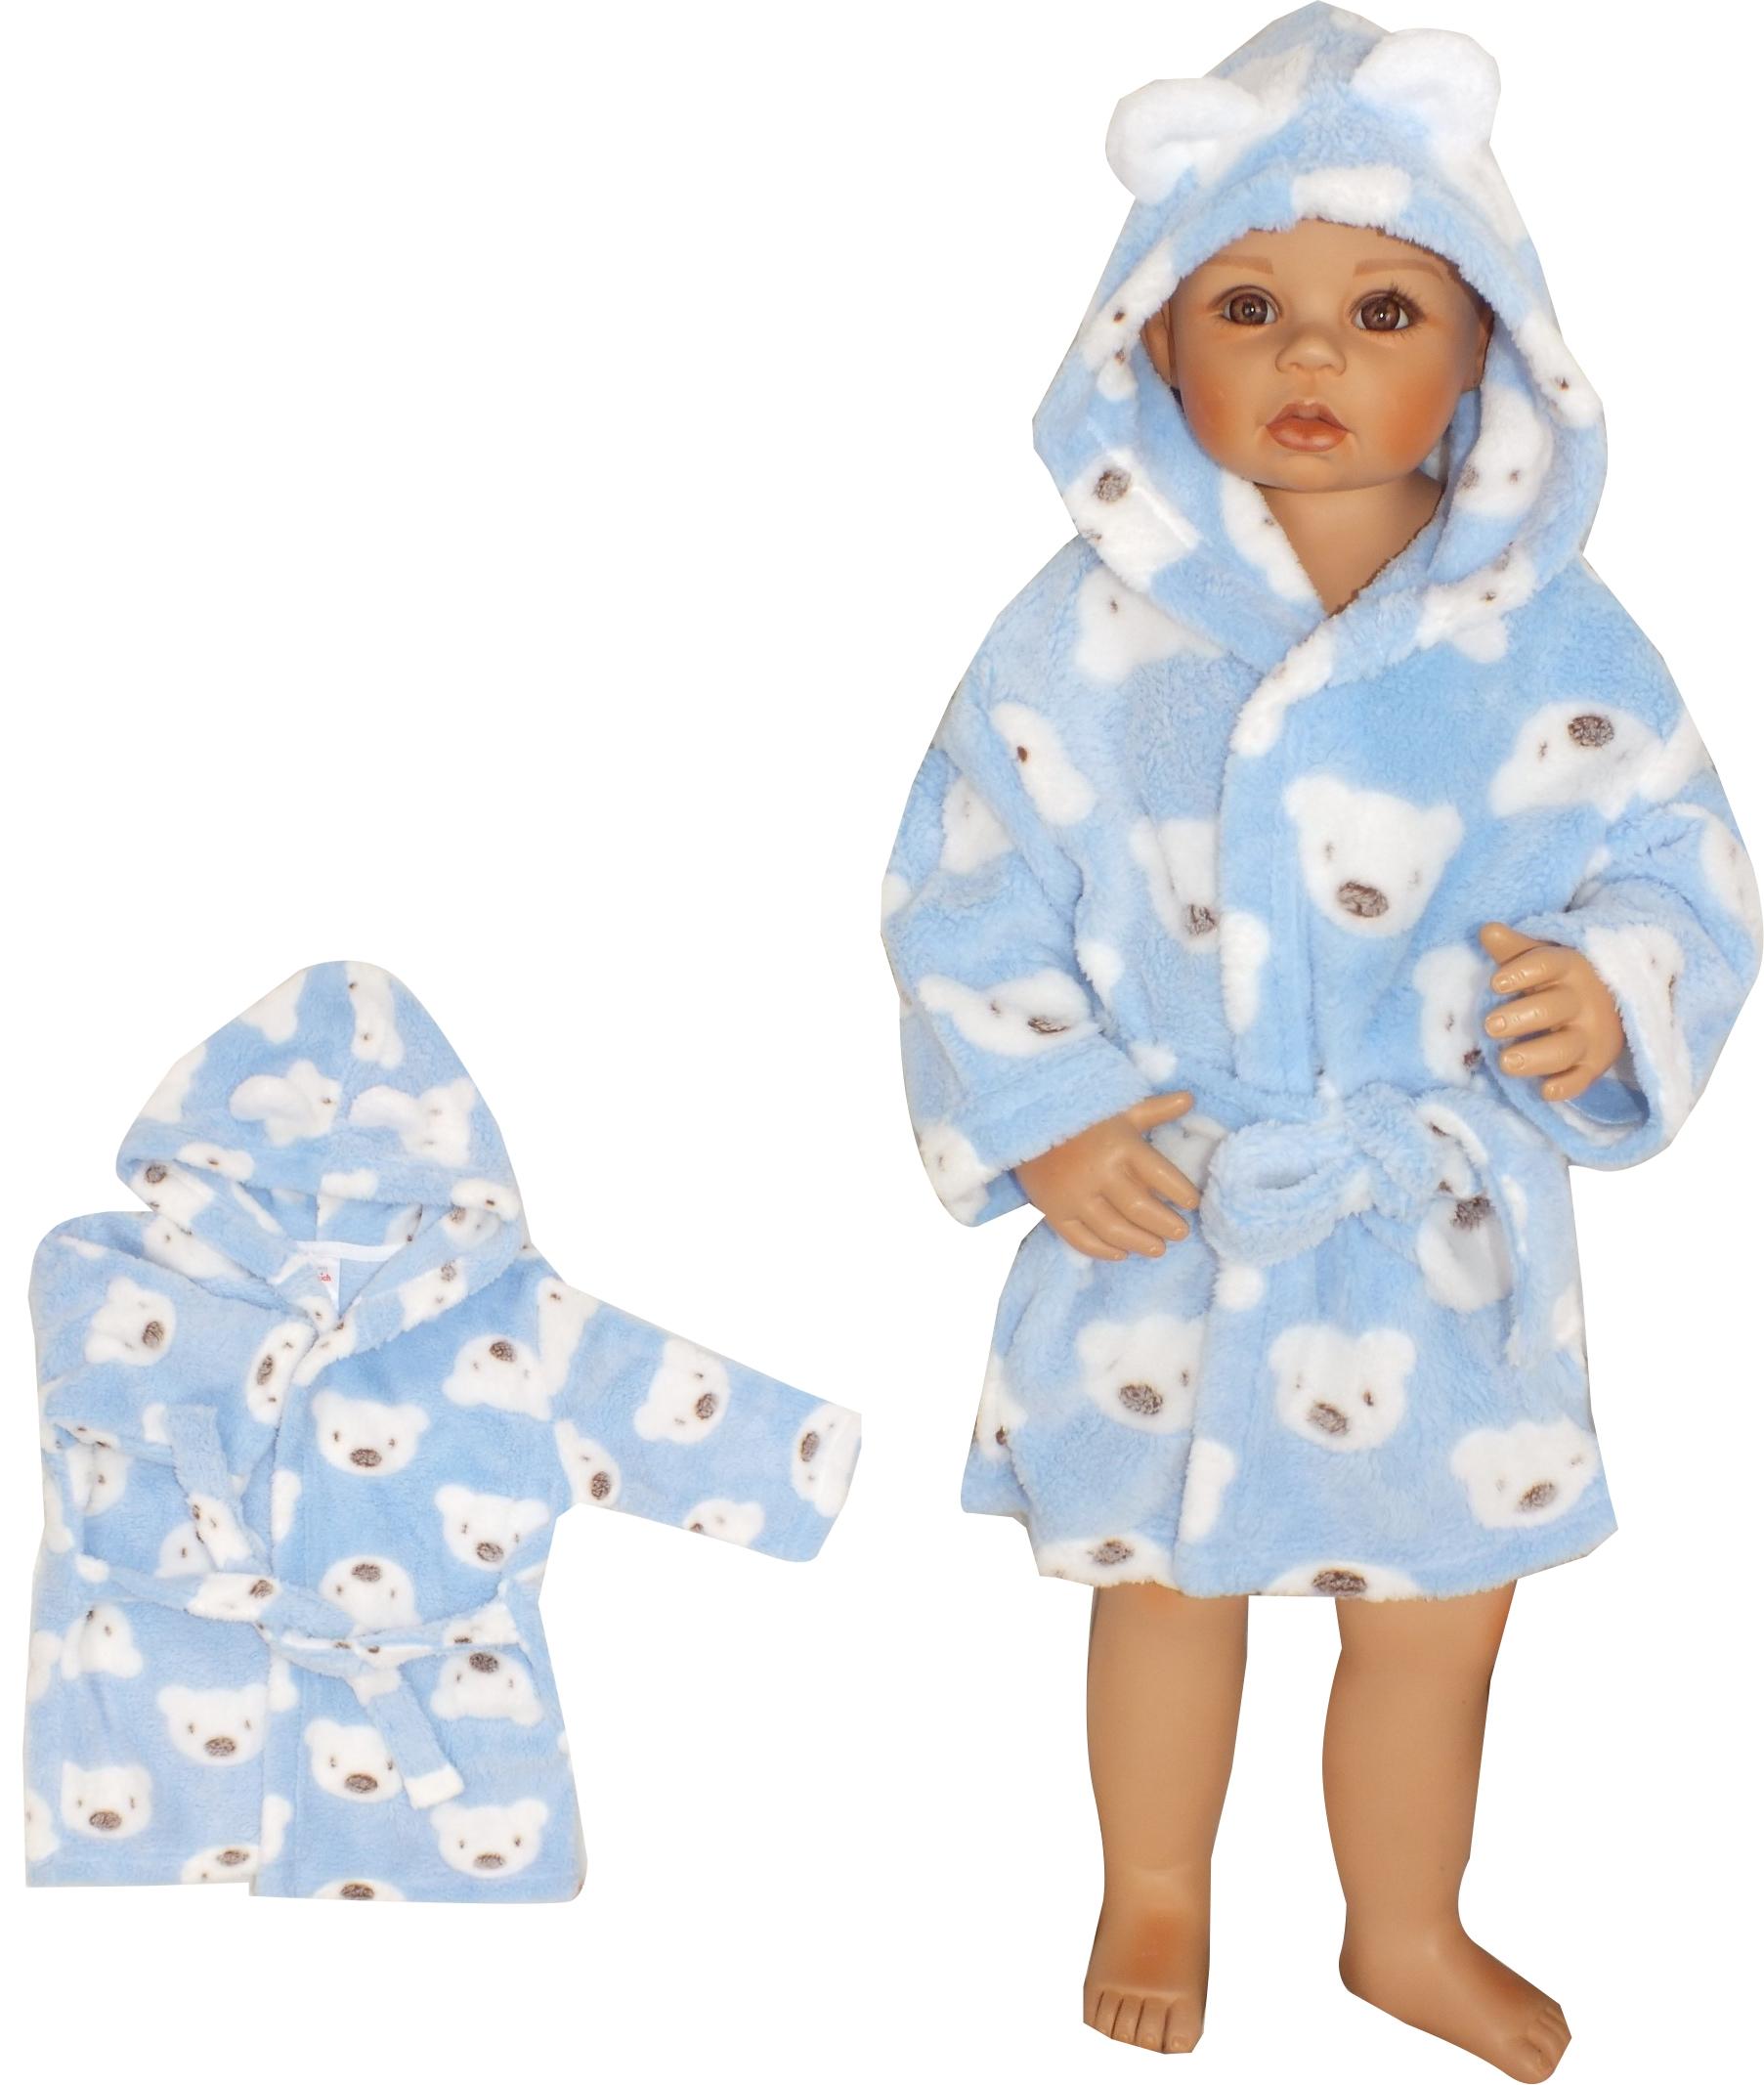 370c64645574c3 Szlafrok dziecięcy niemowlęcy ciepły w misie 80 - 7278611402 ...